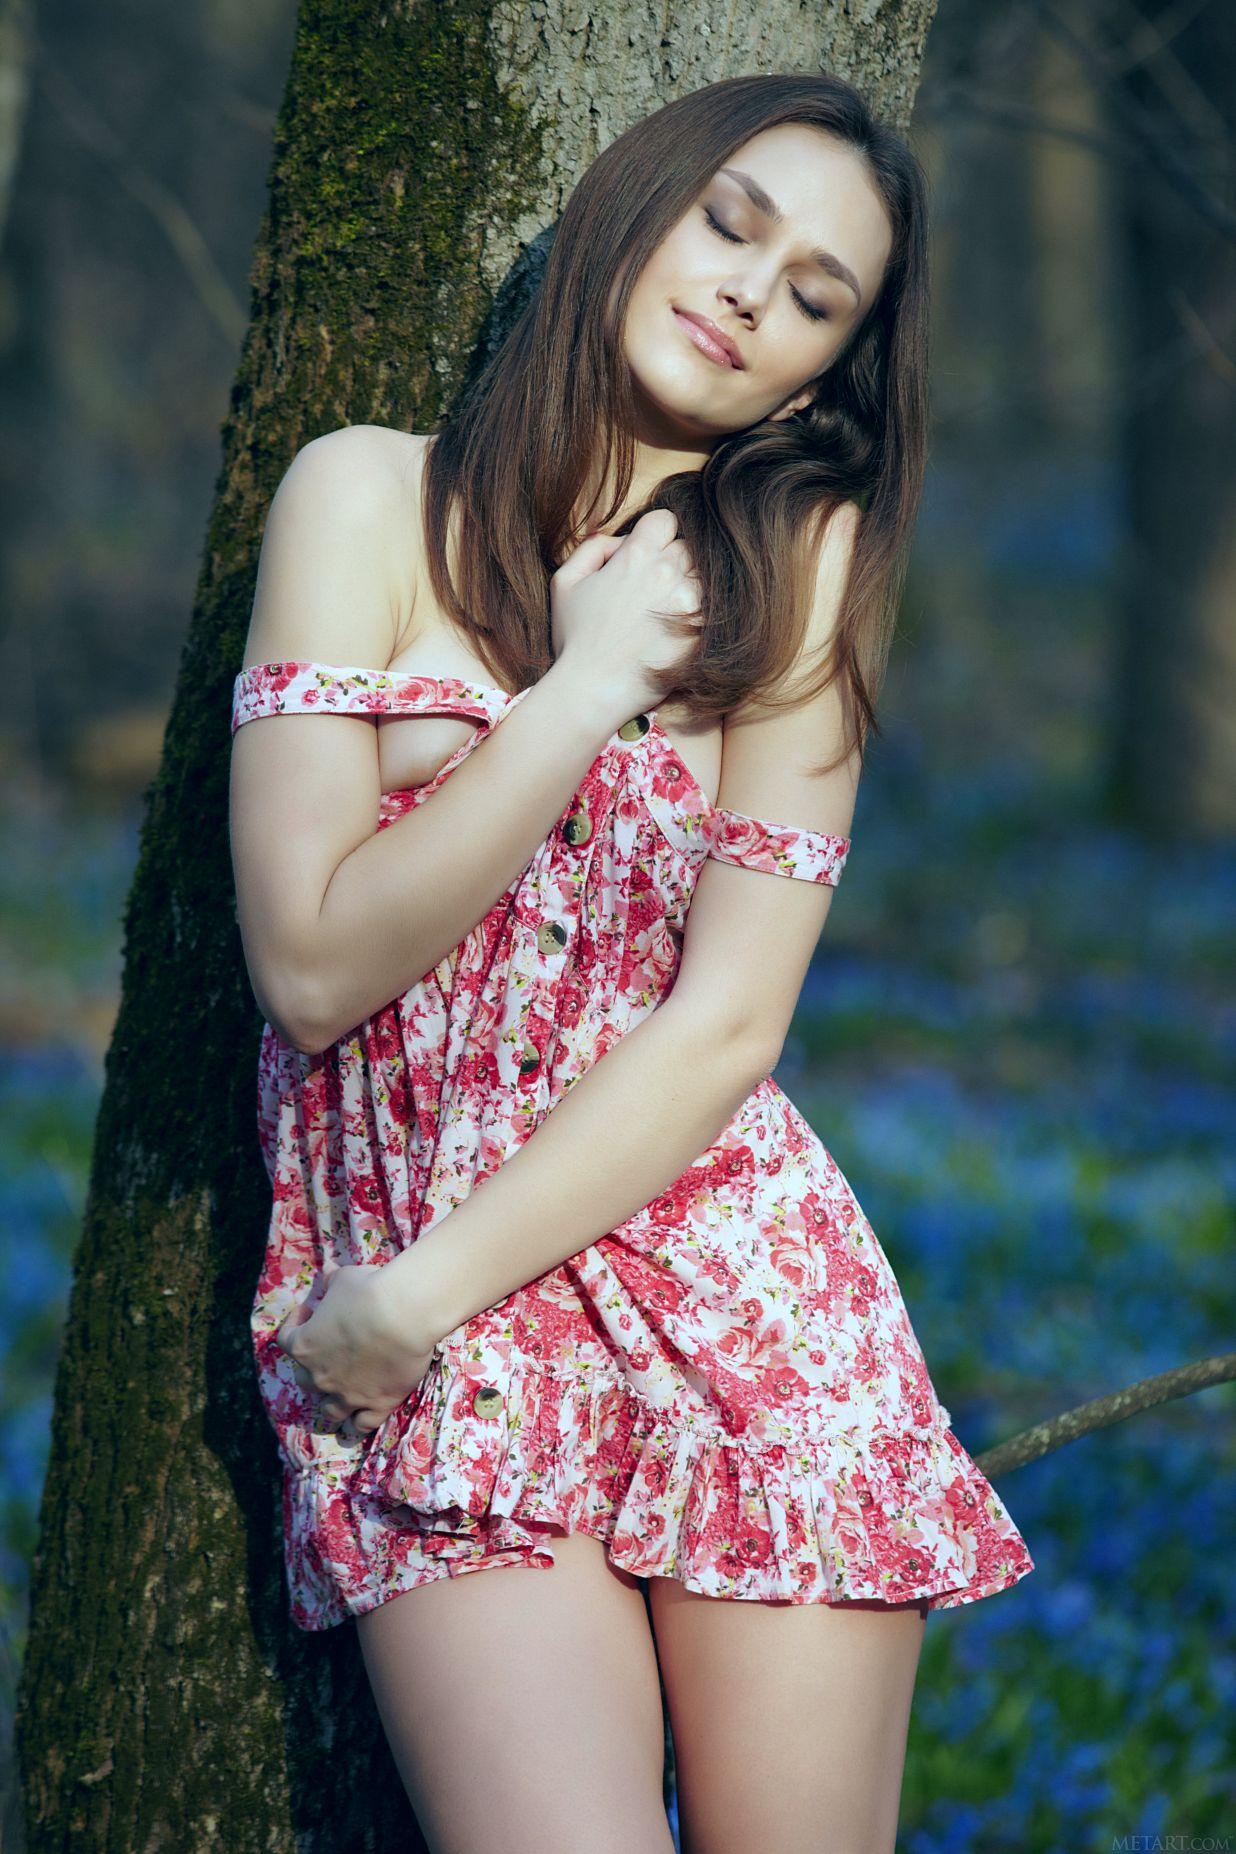 Свежая супермодель в коротком платье без нижнего белья